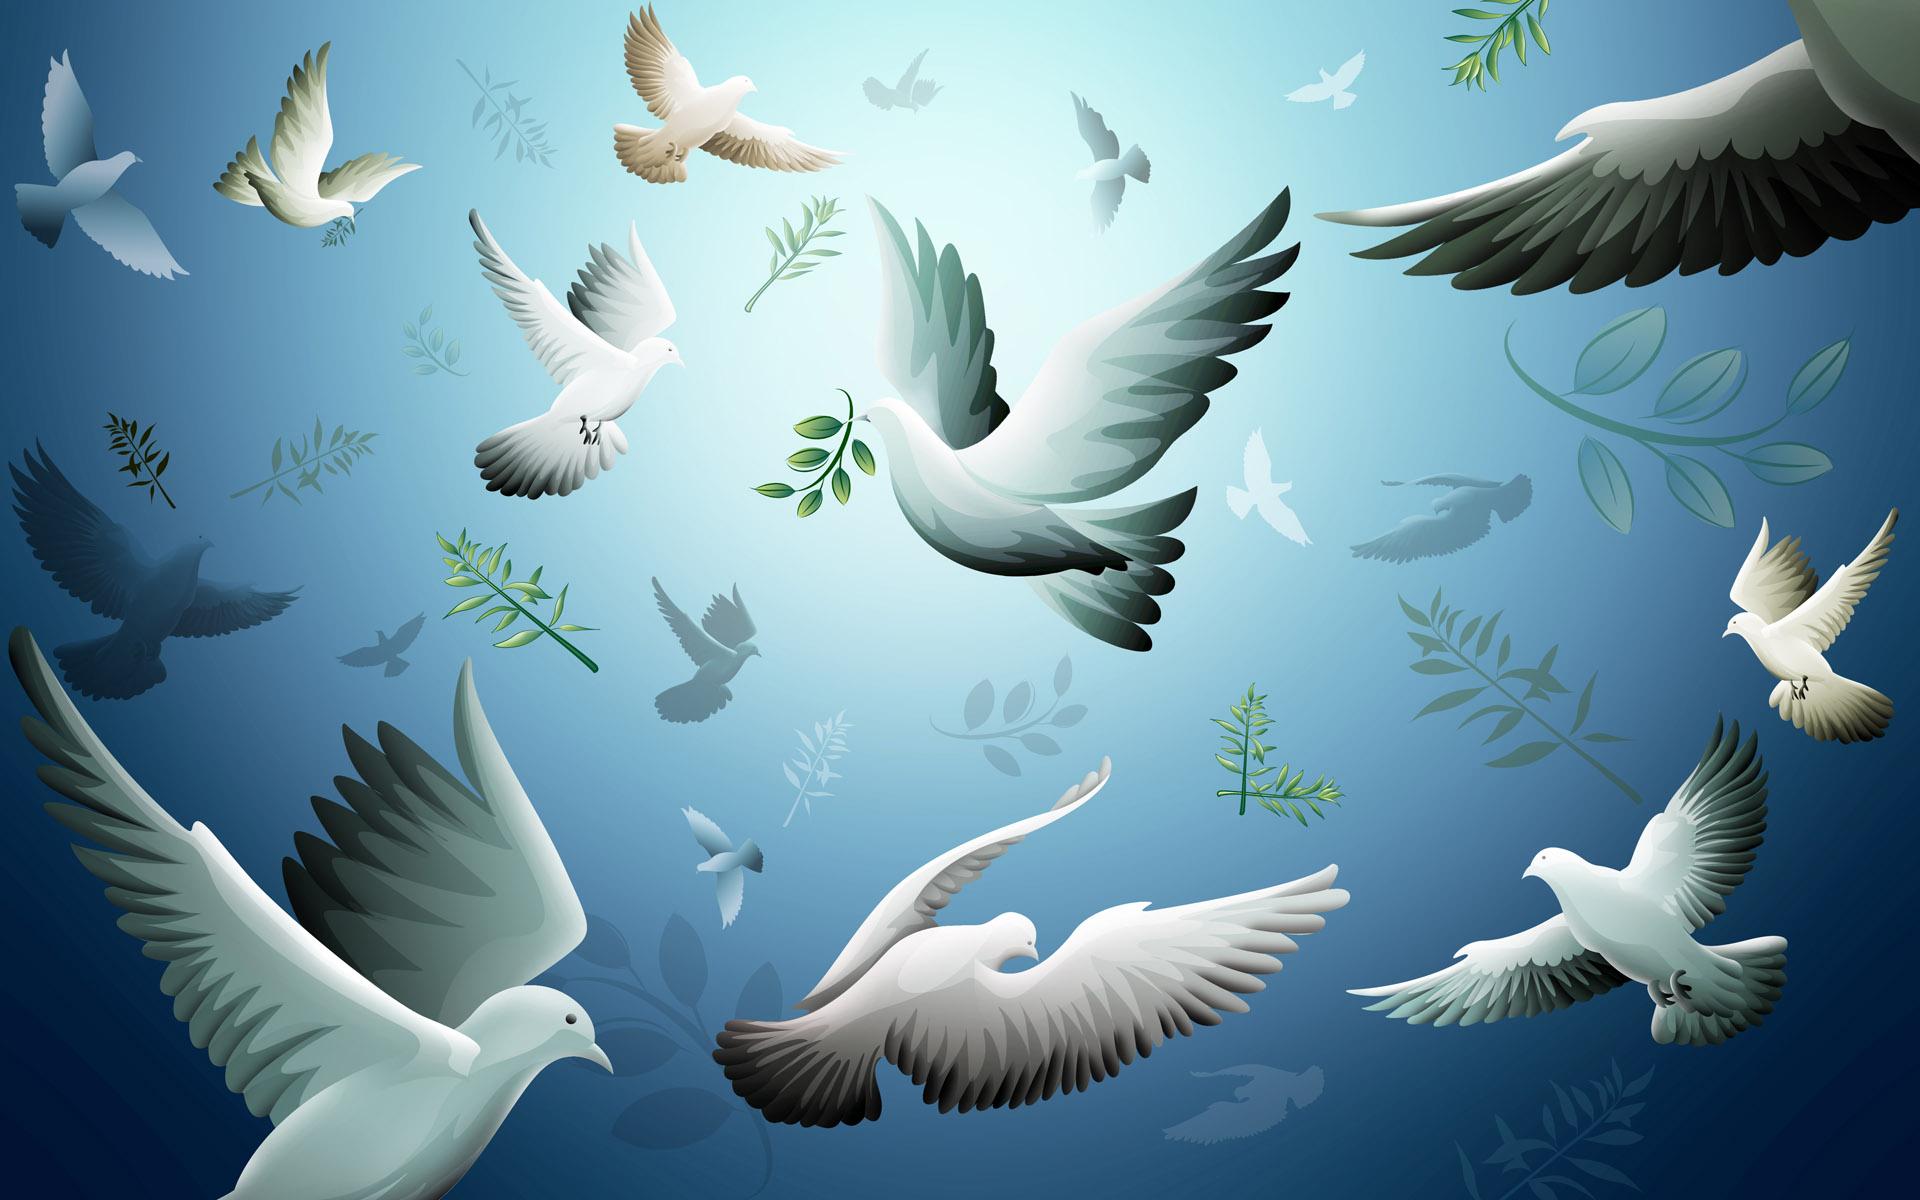 21 сентября — Международный день мира. Голуби в небе